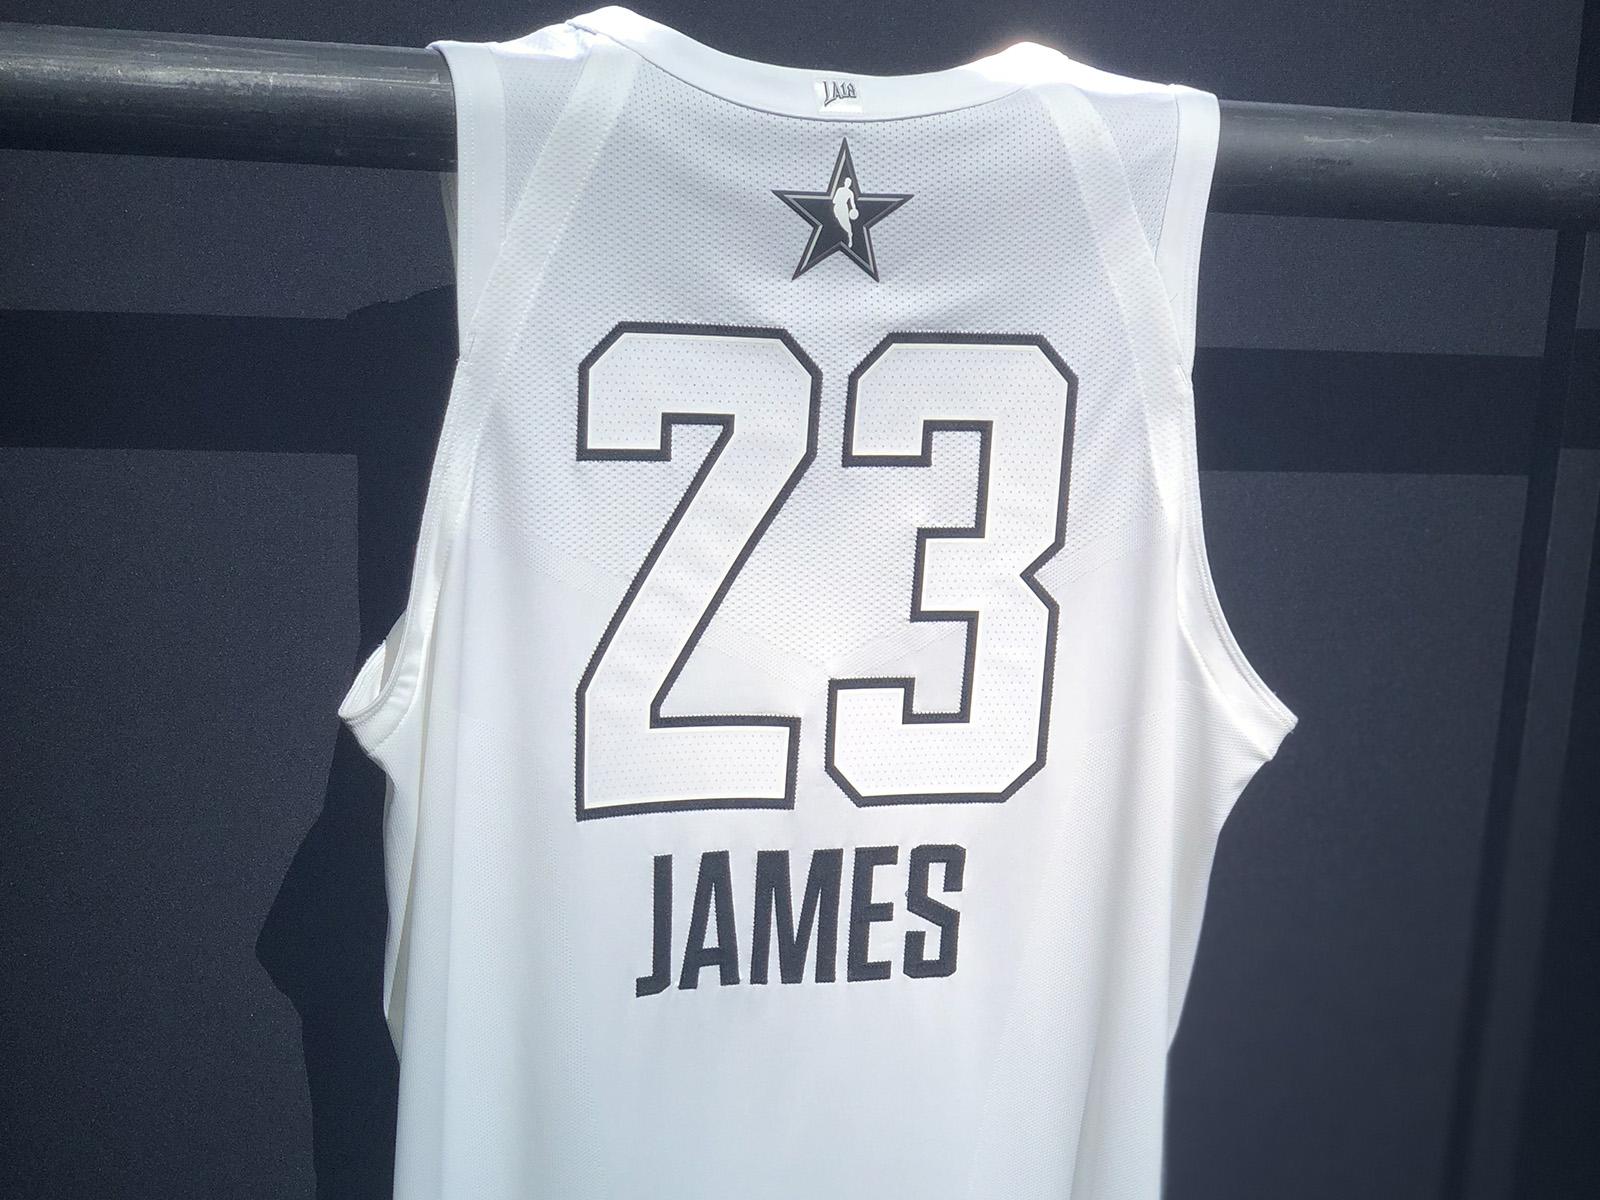 NBA All-Star Jerseys  Jordan Execs Defend Black-and-White Design ... 44c4c3ec1